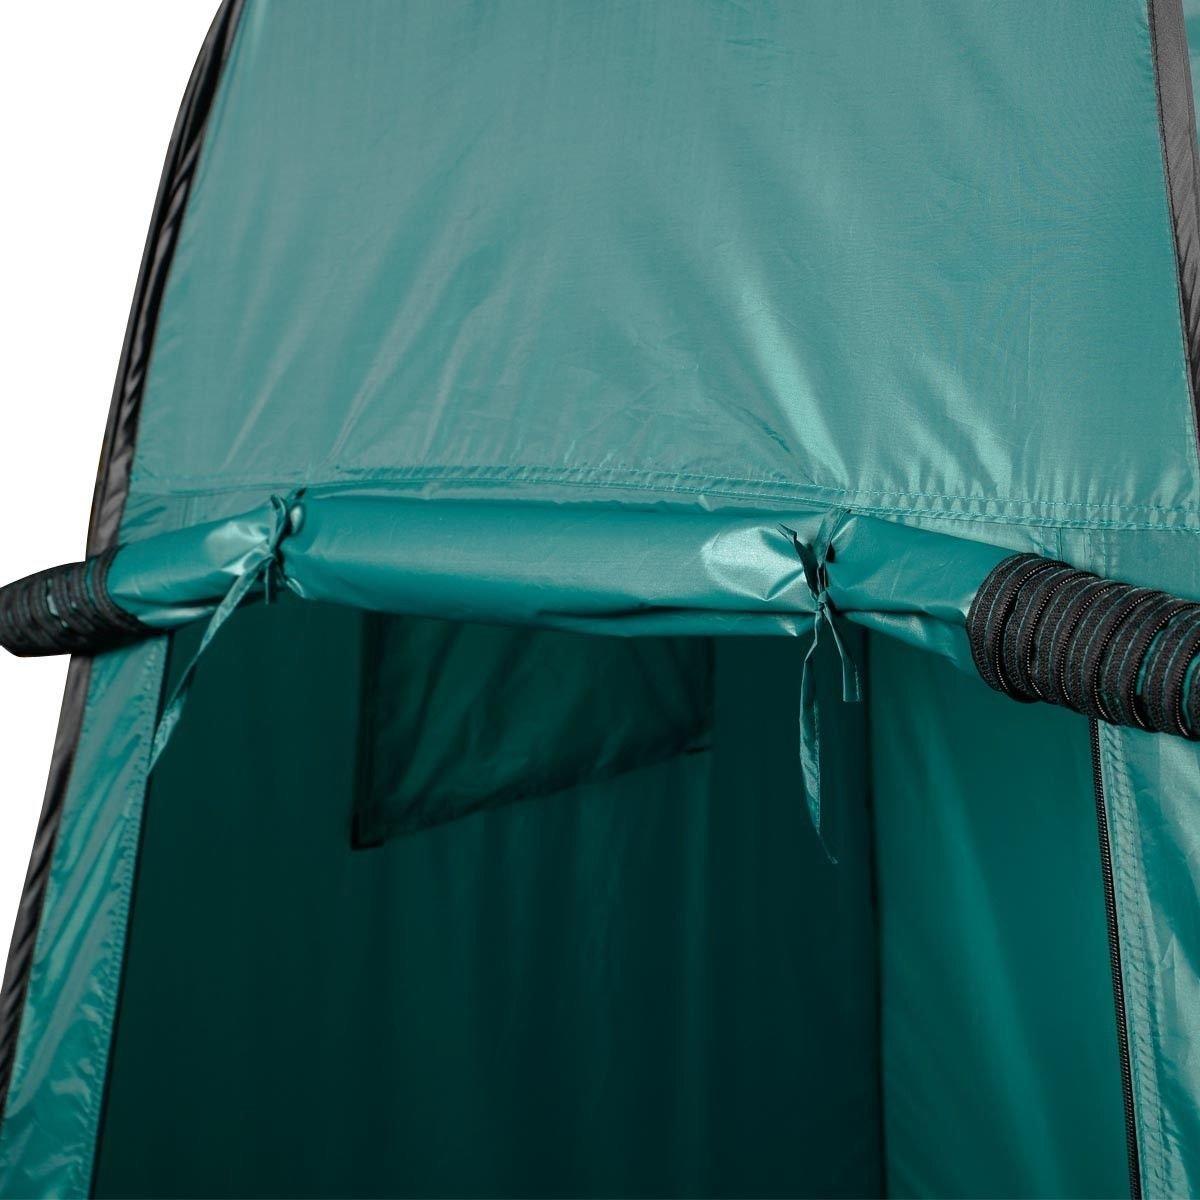 Generic NV_1008000885_YC-US2 GreenFis Toilet Changing Bathi Portable Pop ilet Tent Camping ing T UP Fishing & Bathing ampin Room Green Portabl by Generic (Image #7)